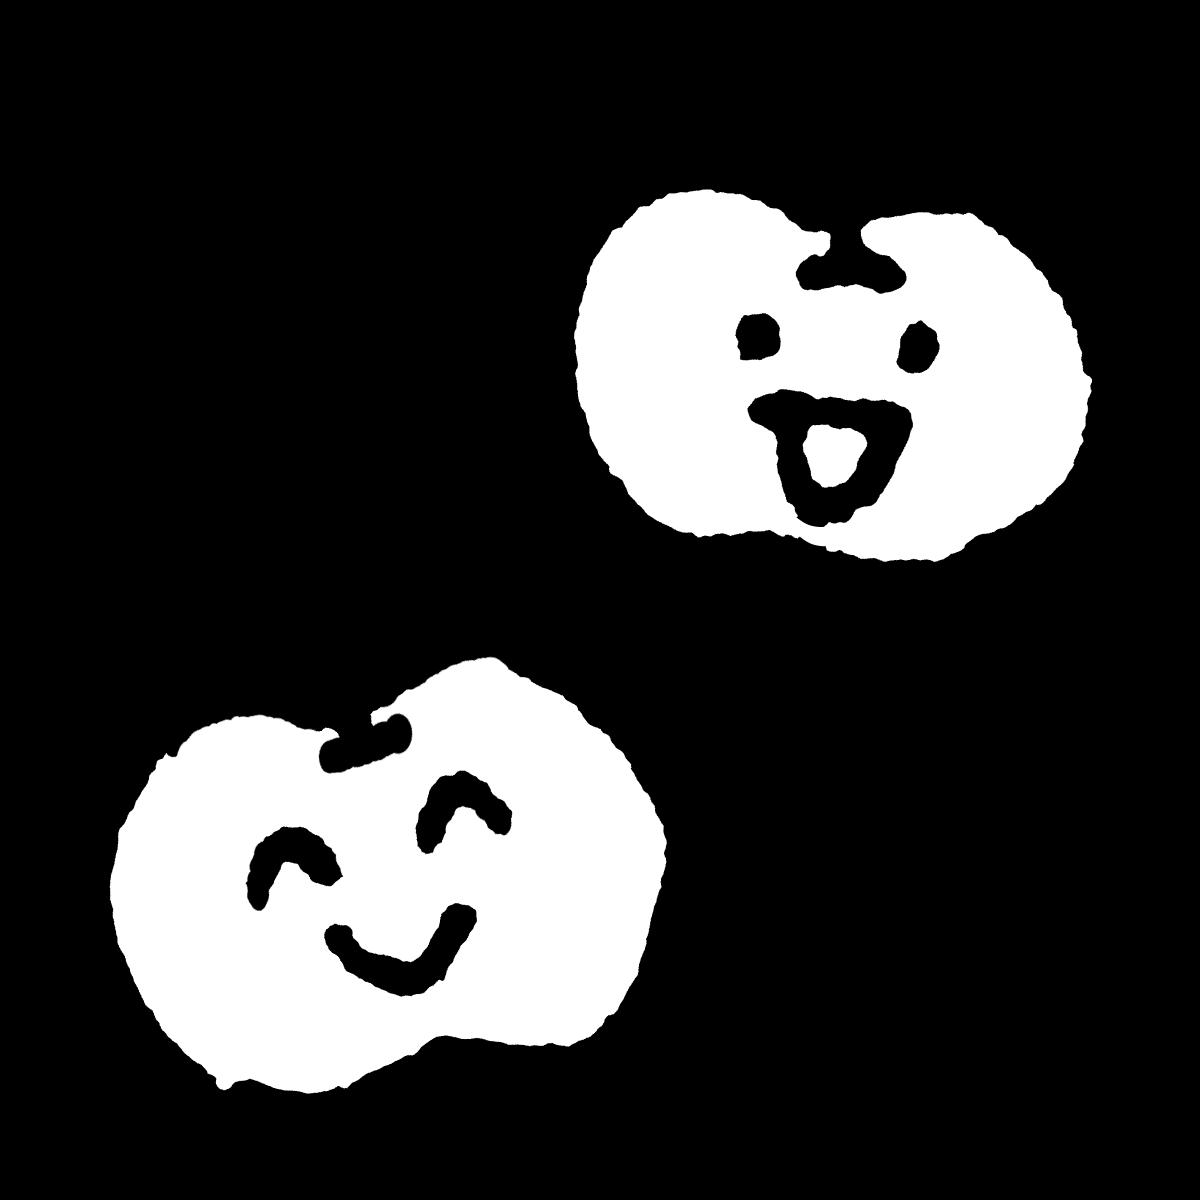 りんご(顔つき)のイラスト / Apple (countenance) Illustration